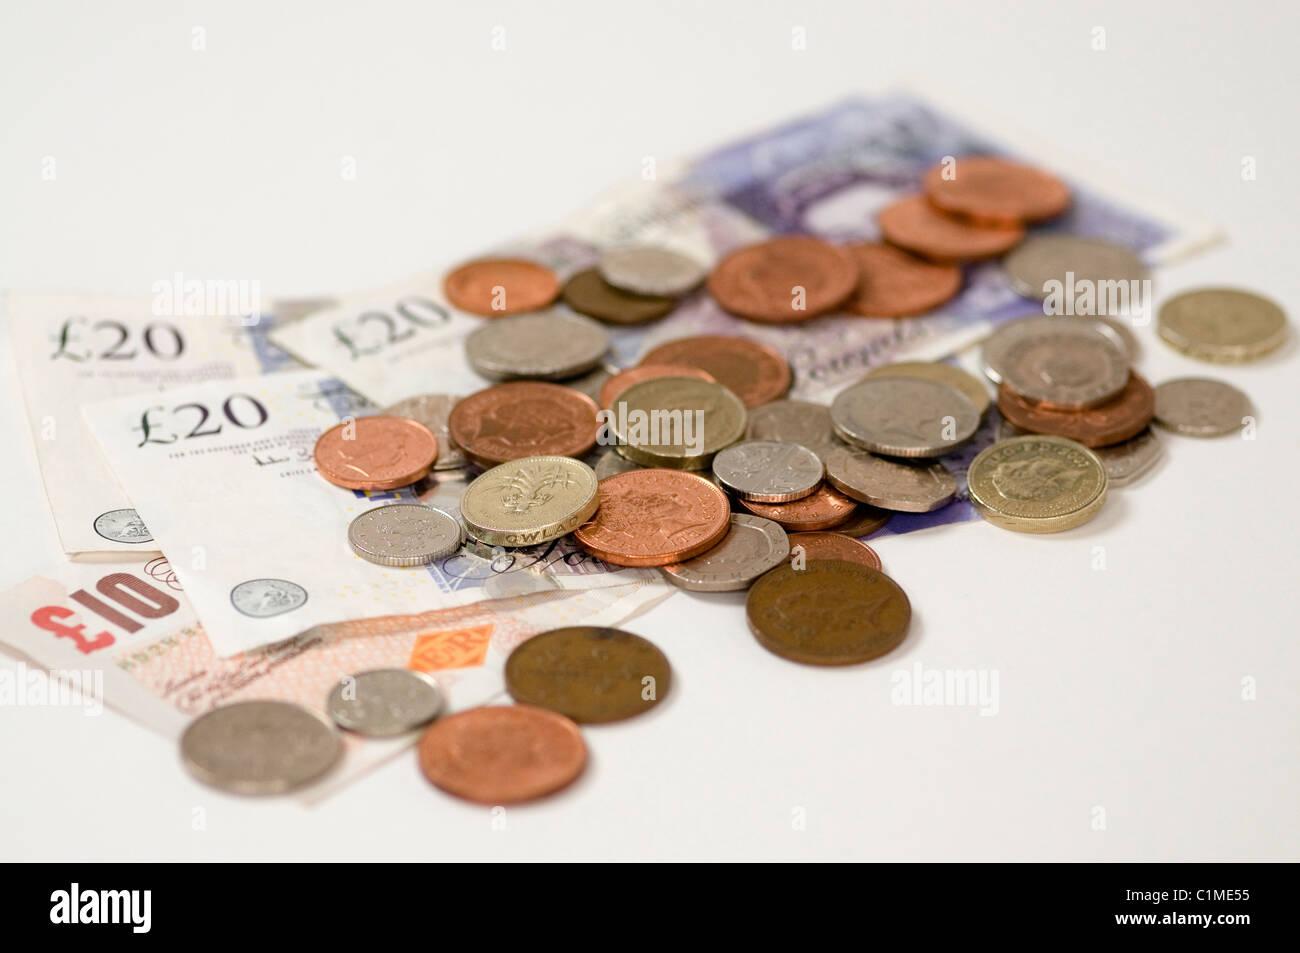 United Kingdom English Money - Stock Image